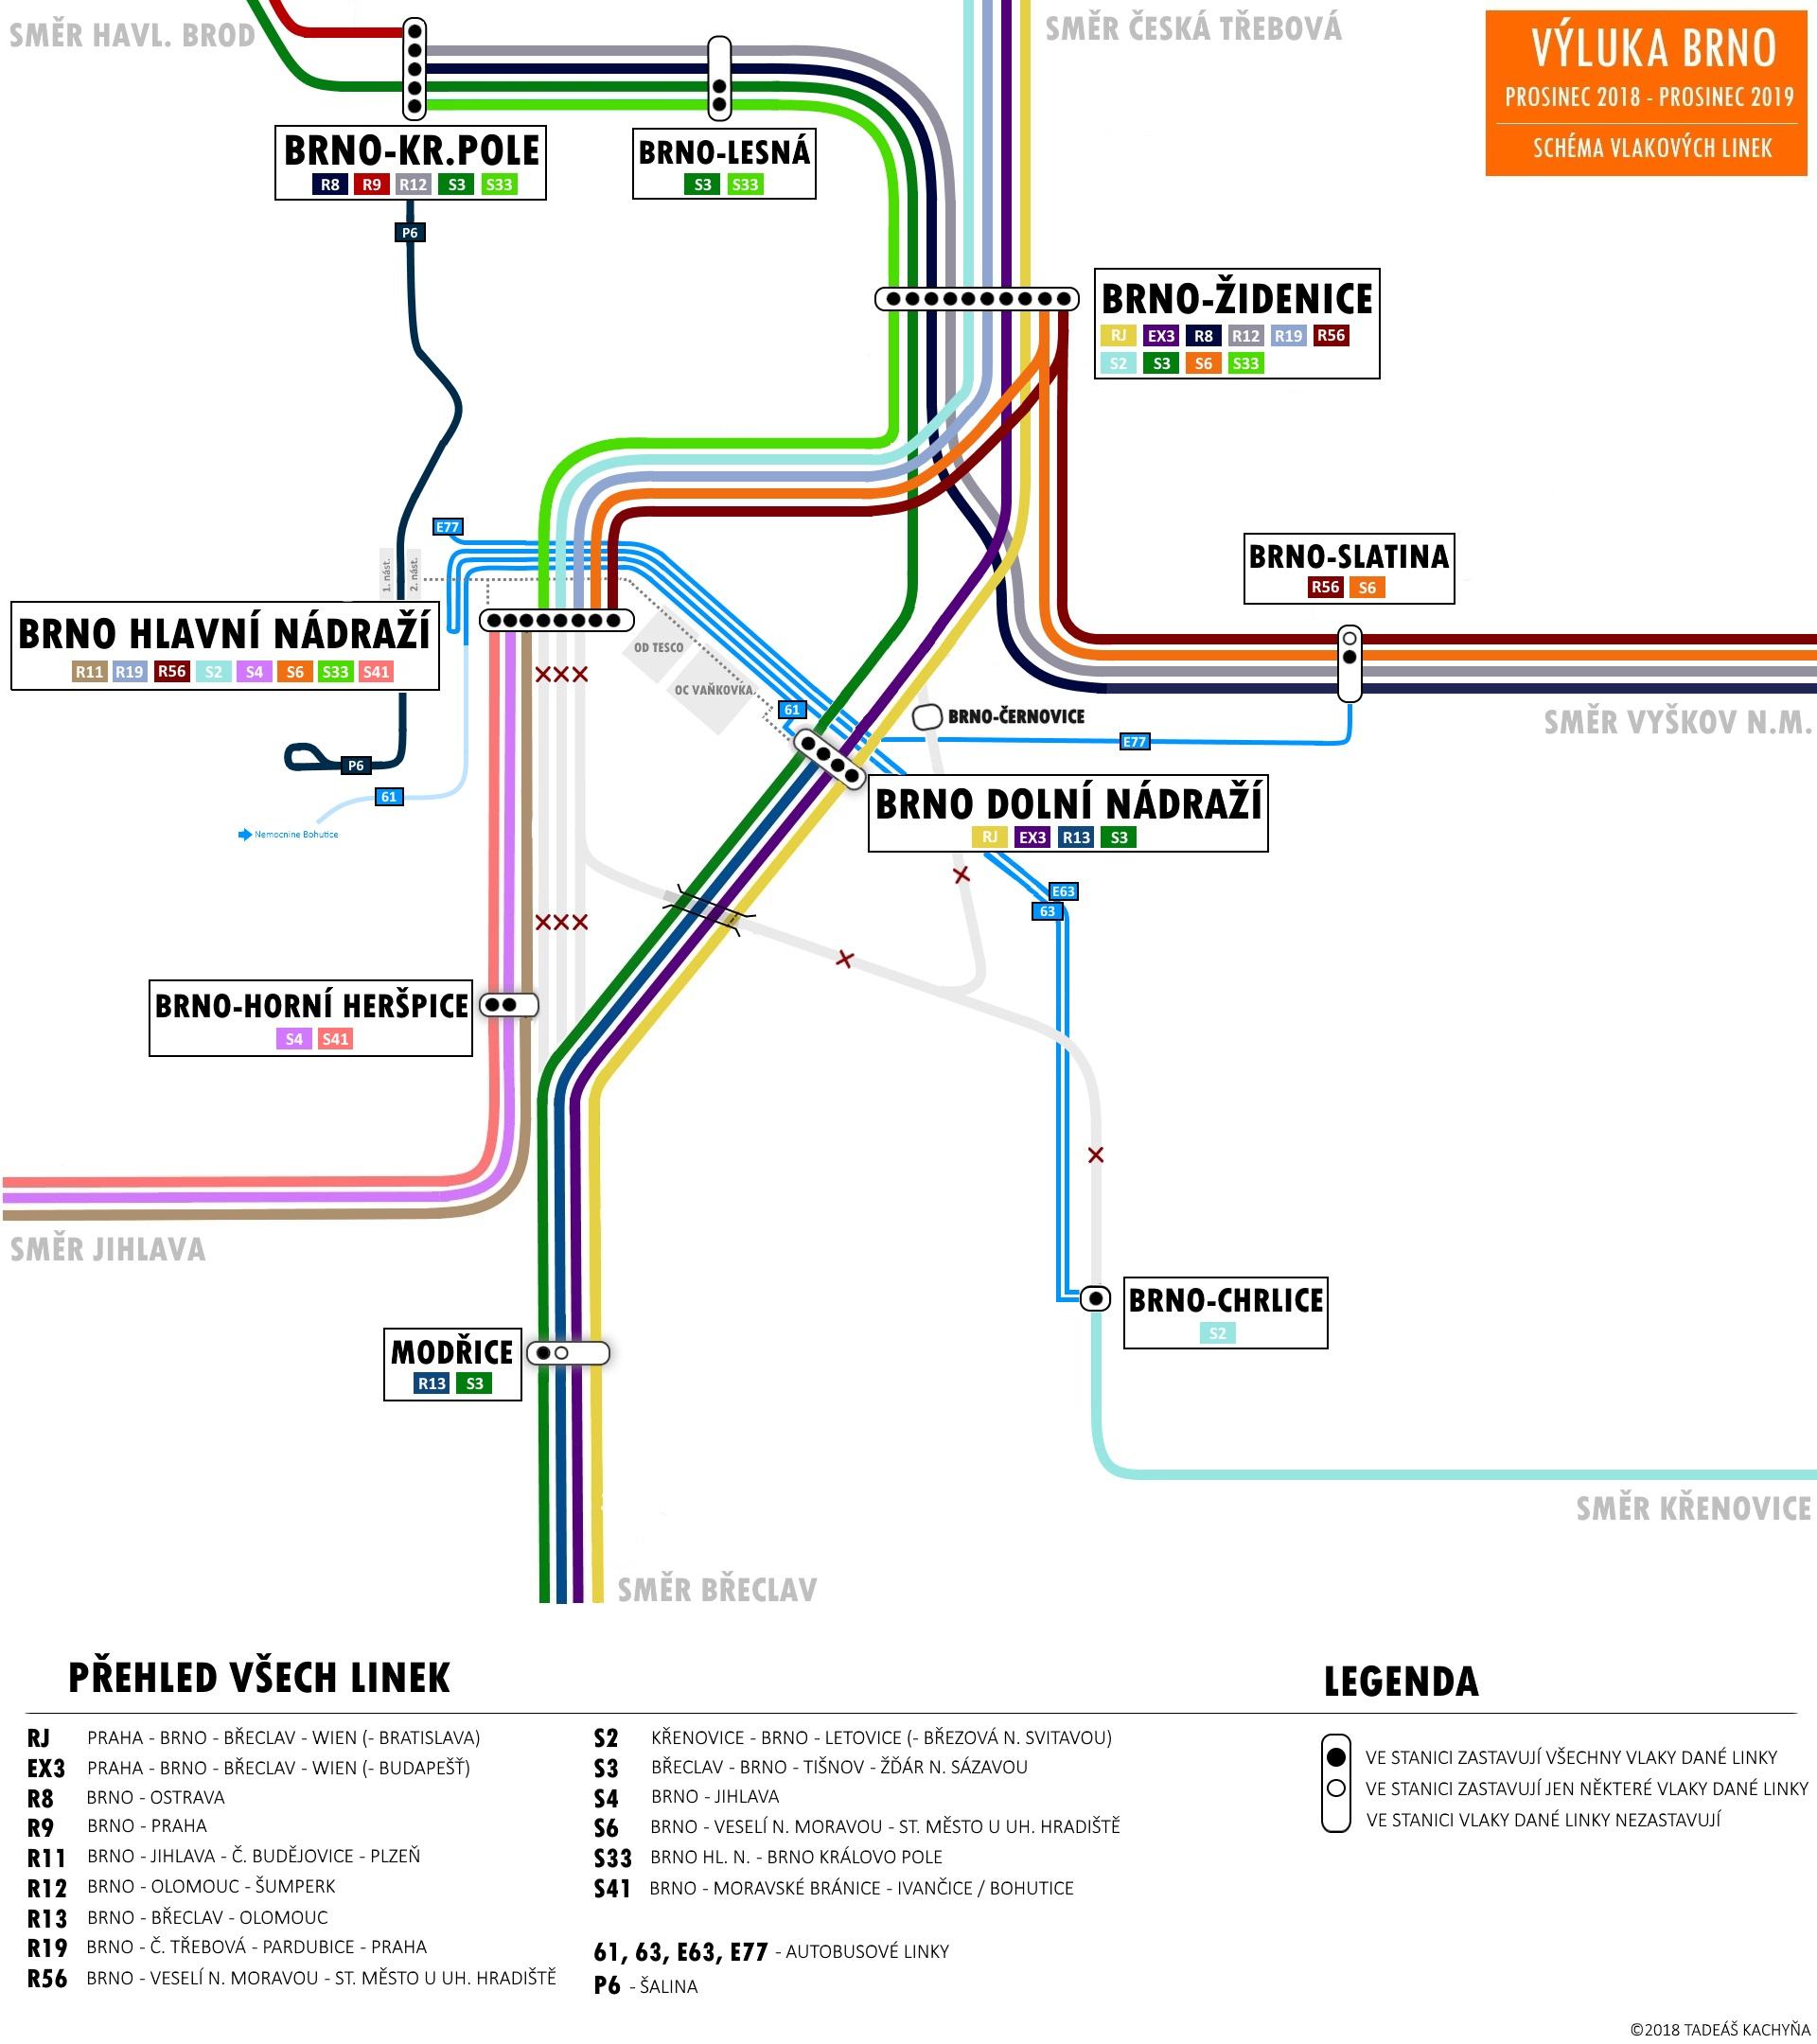 Schéma velké brněnské vlakové výluky, včetně náhradní autobusové dopravy a šaliny P6. Autorem plánku je Tadeáš Kachyňka.